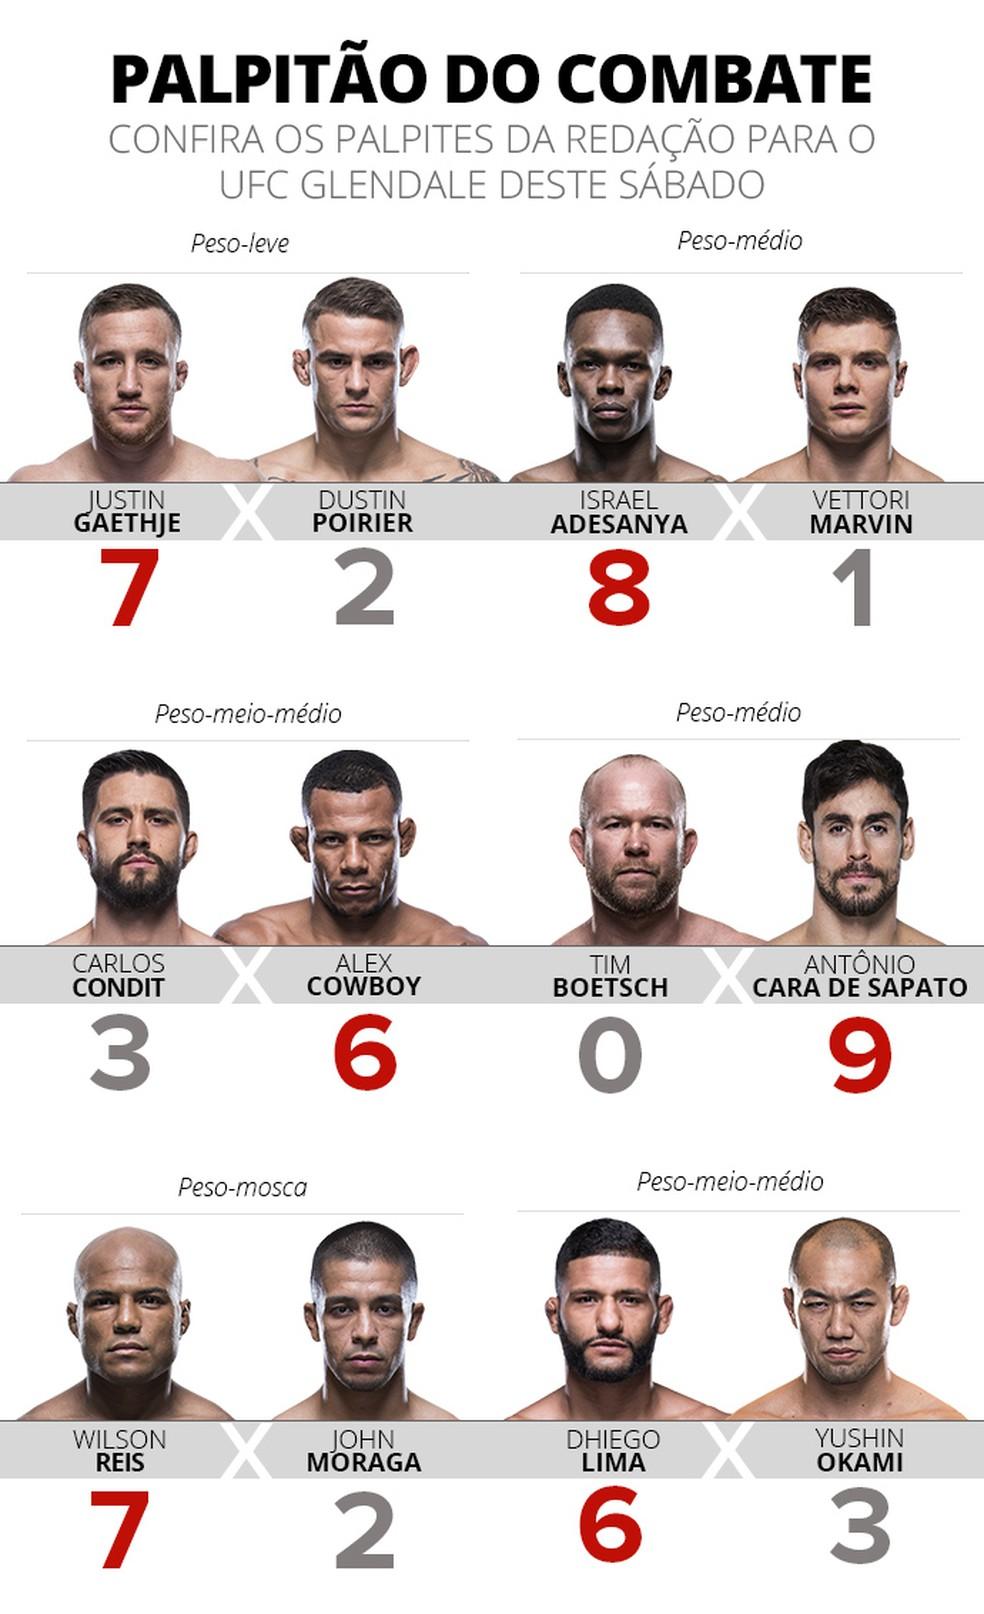 Palpitão do Combate - UFC Glendale (Foto: Editoria de Arte)